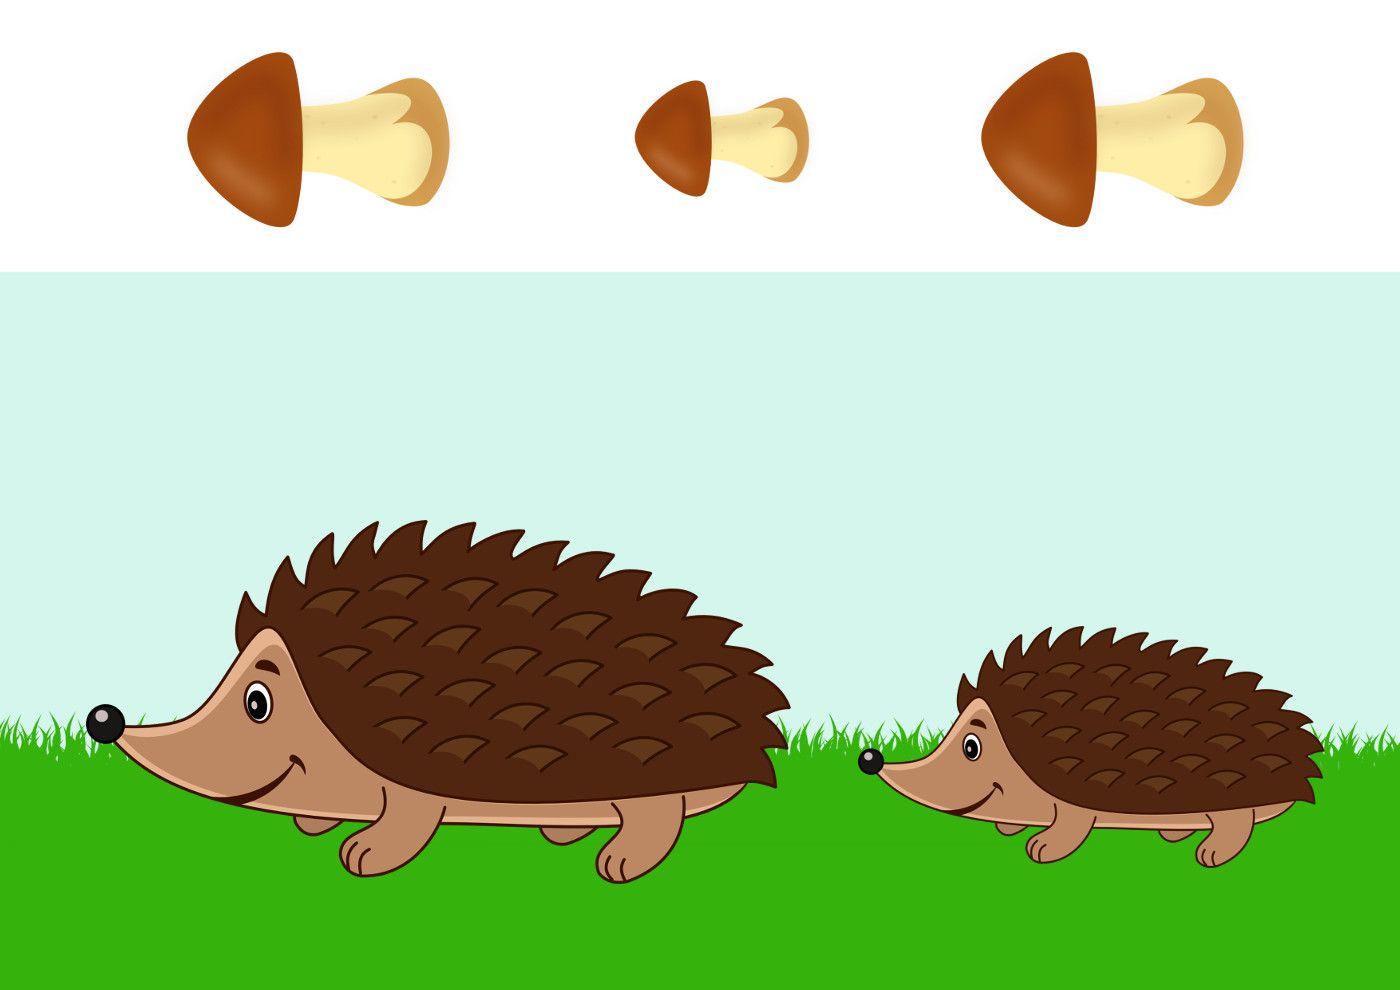 Ёжик и грибы, аппликация | Упражнения для детей